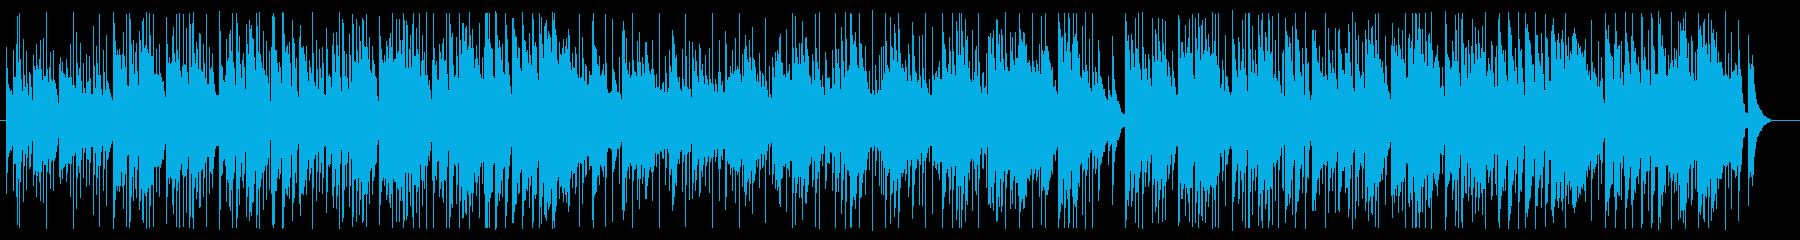 カントリー風ギターシンセサイザー曲の再生済みの波形